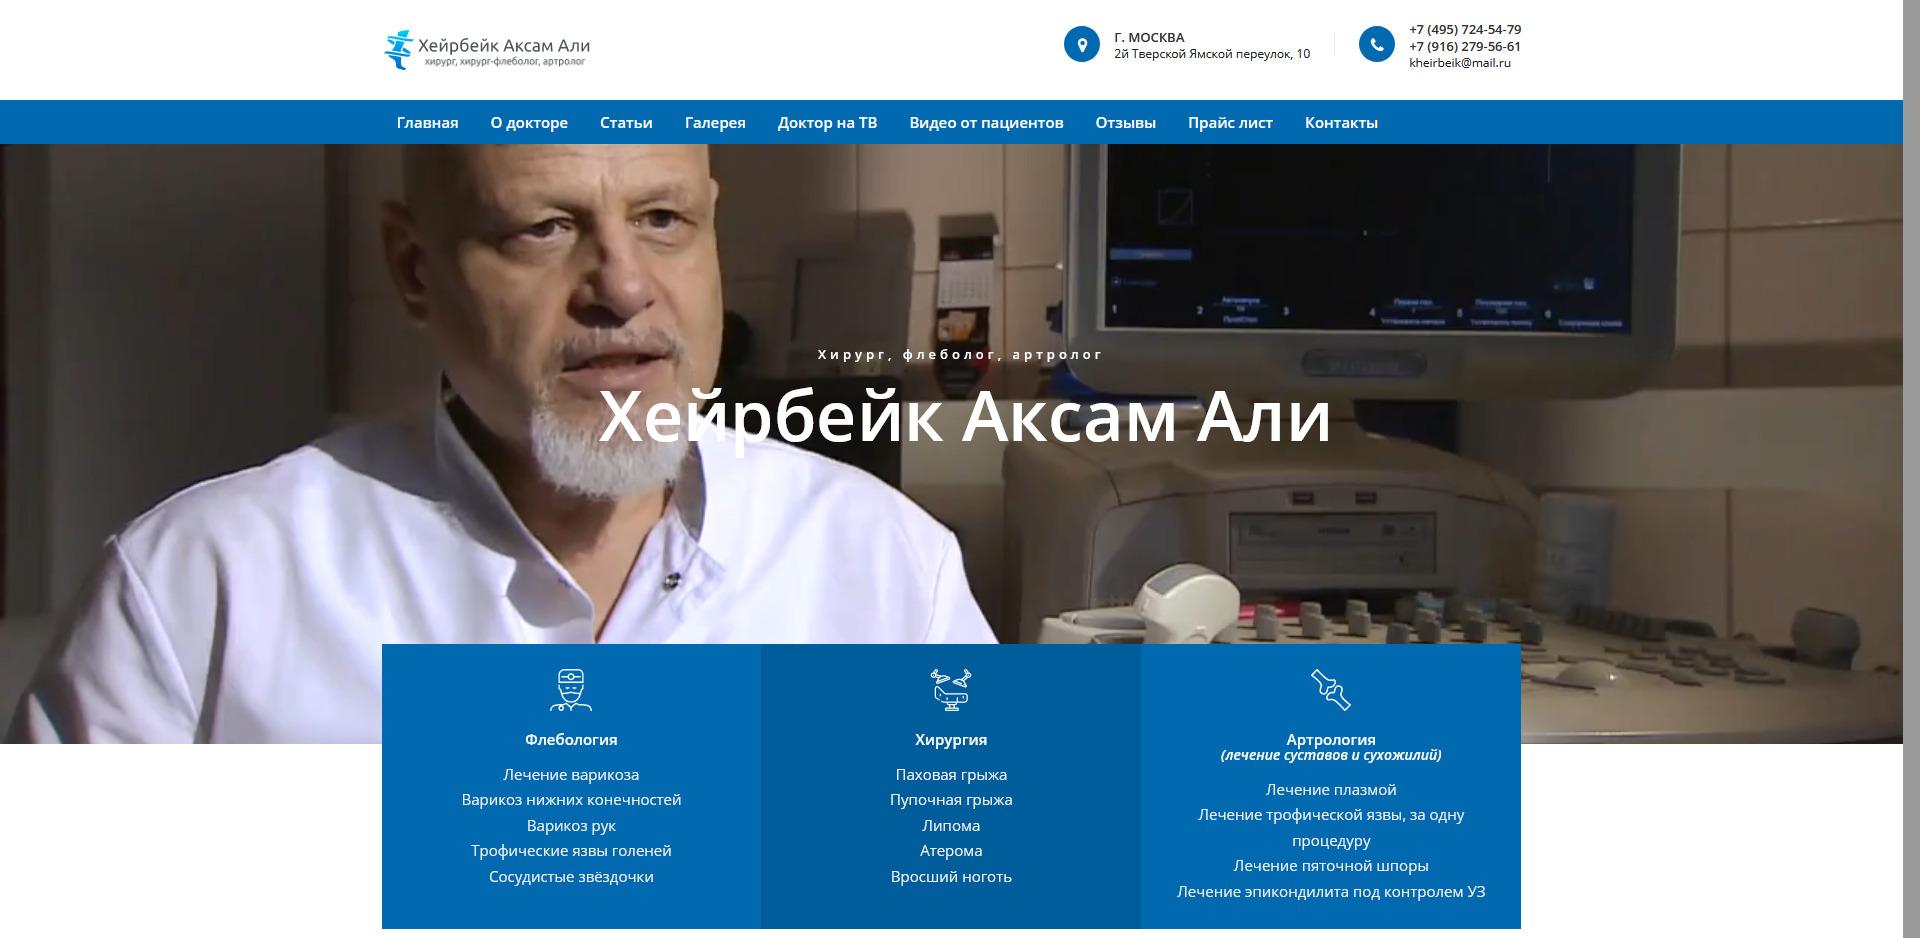 Быстрый бесплатный аудит персонального сайта врача-флеболога